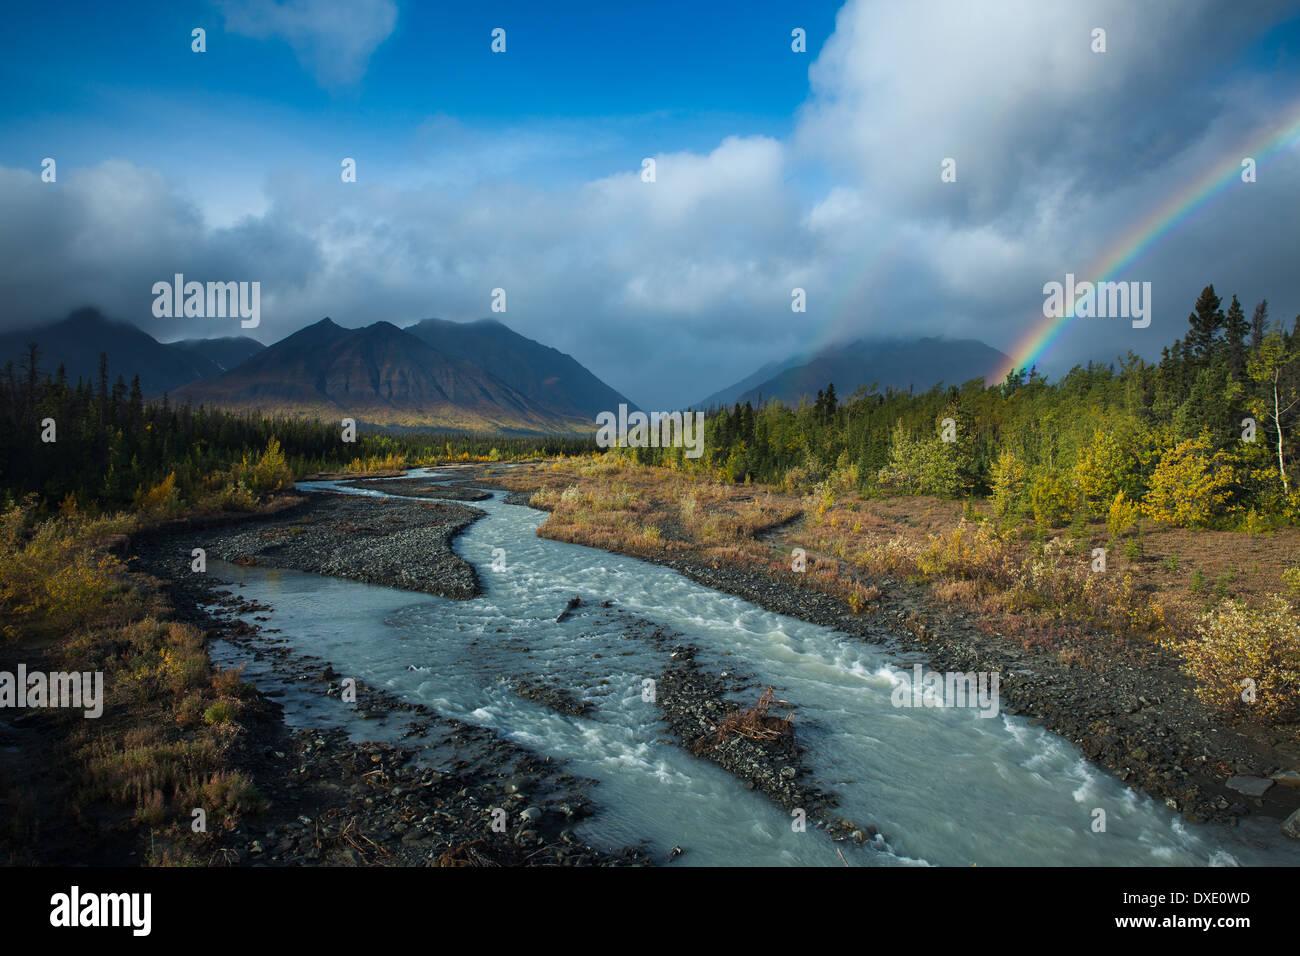 Quill Creek & Bereich von Auriol, St. Elias Mountains, Kluane National Park, Yukon Territorien, Kanada Stockbild